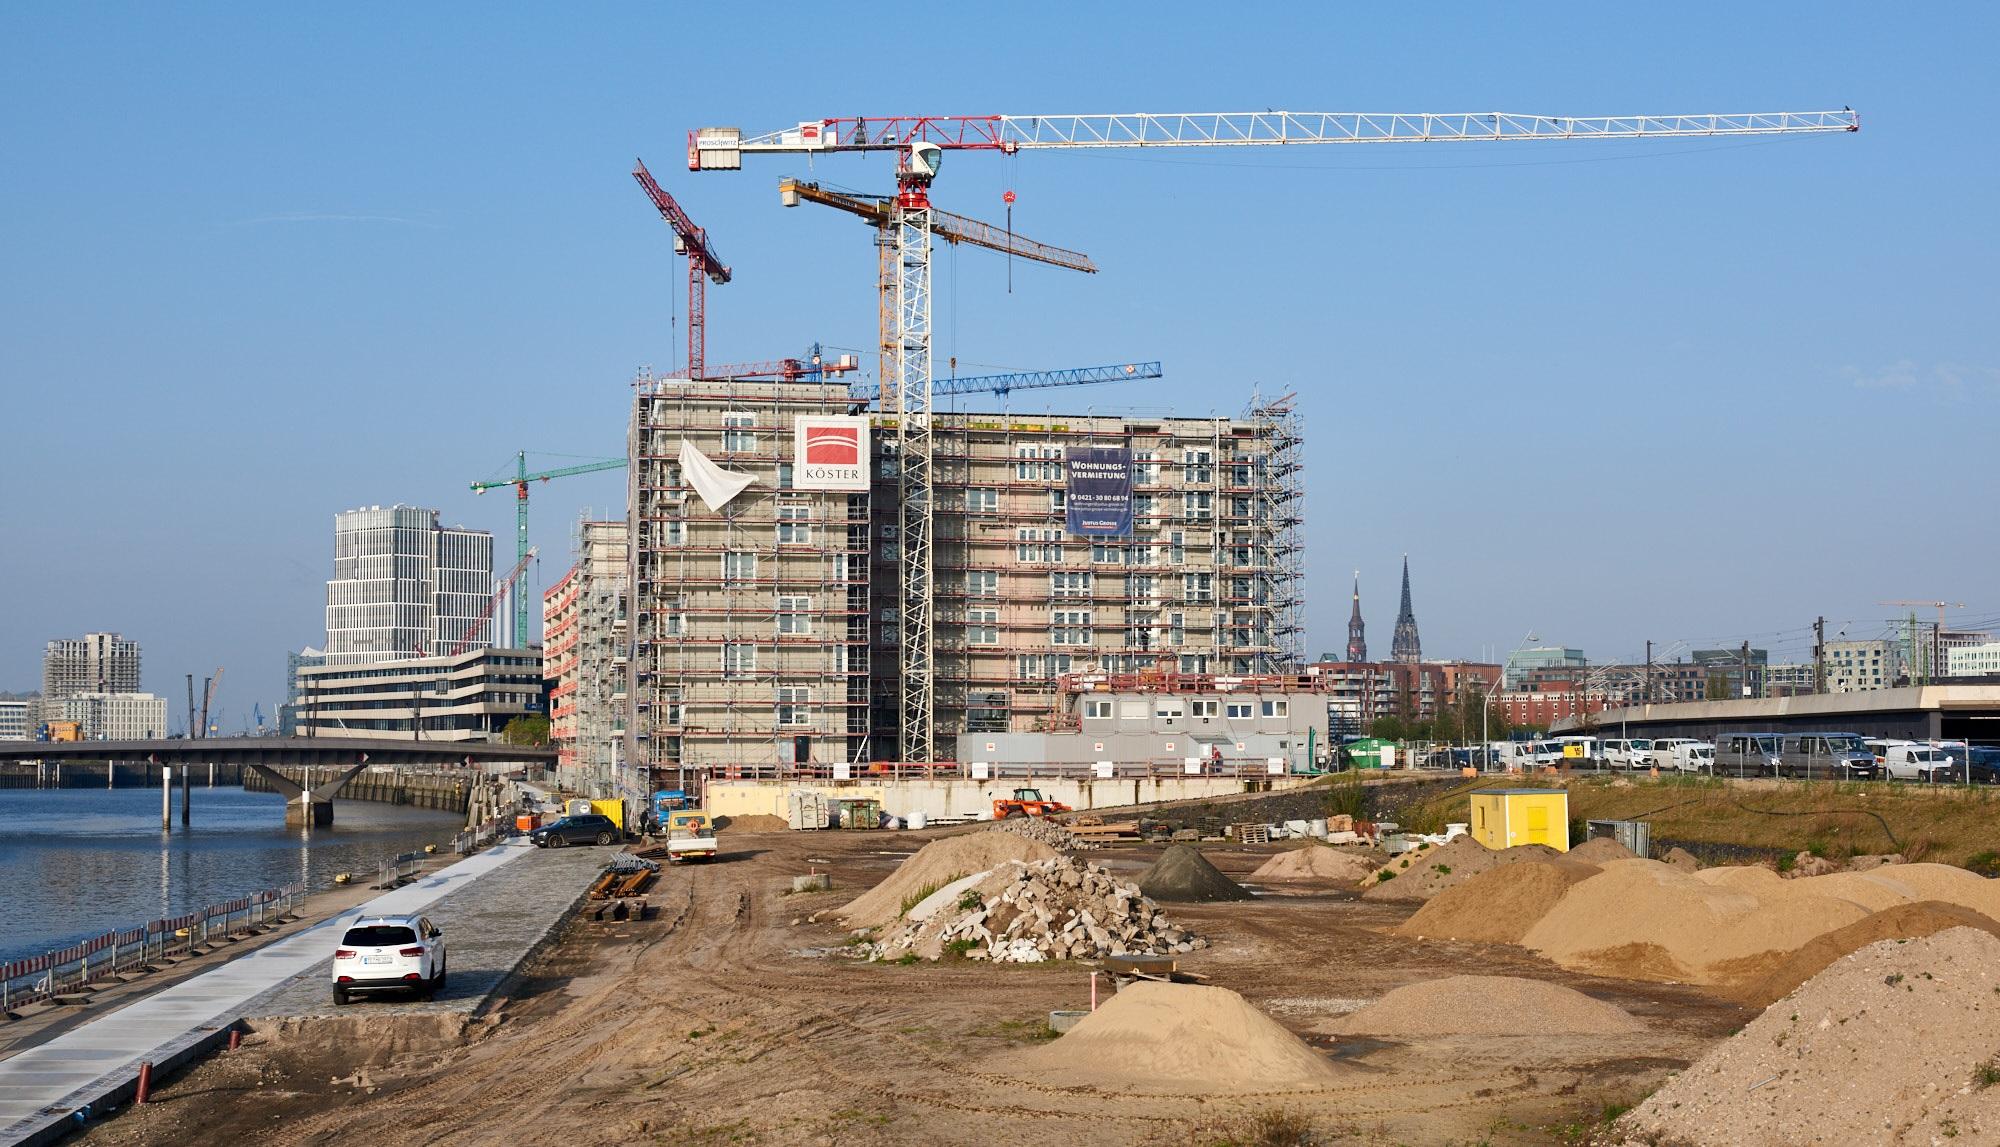 BV Panorama Hamburg Hafen City